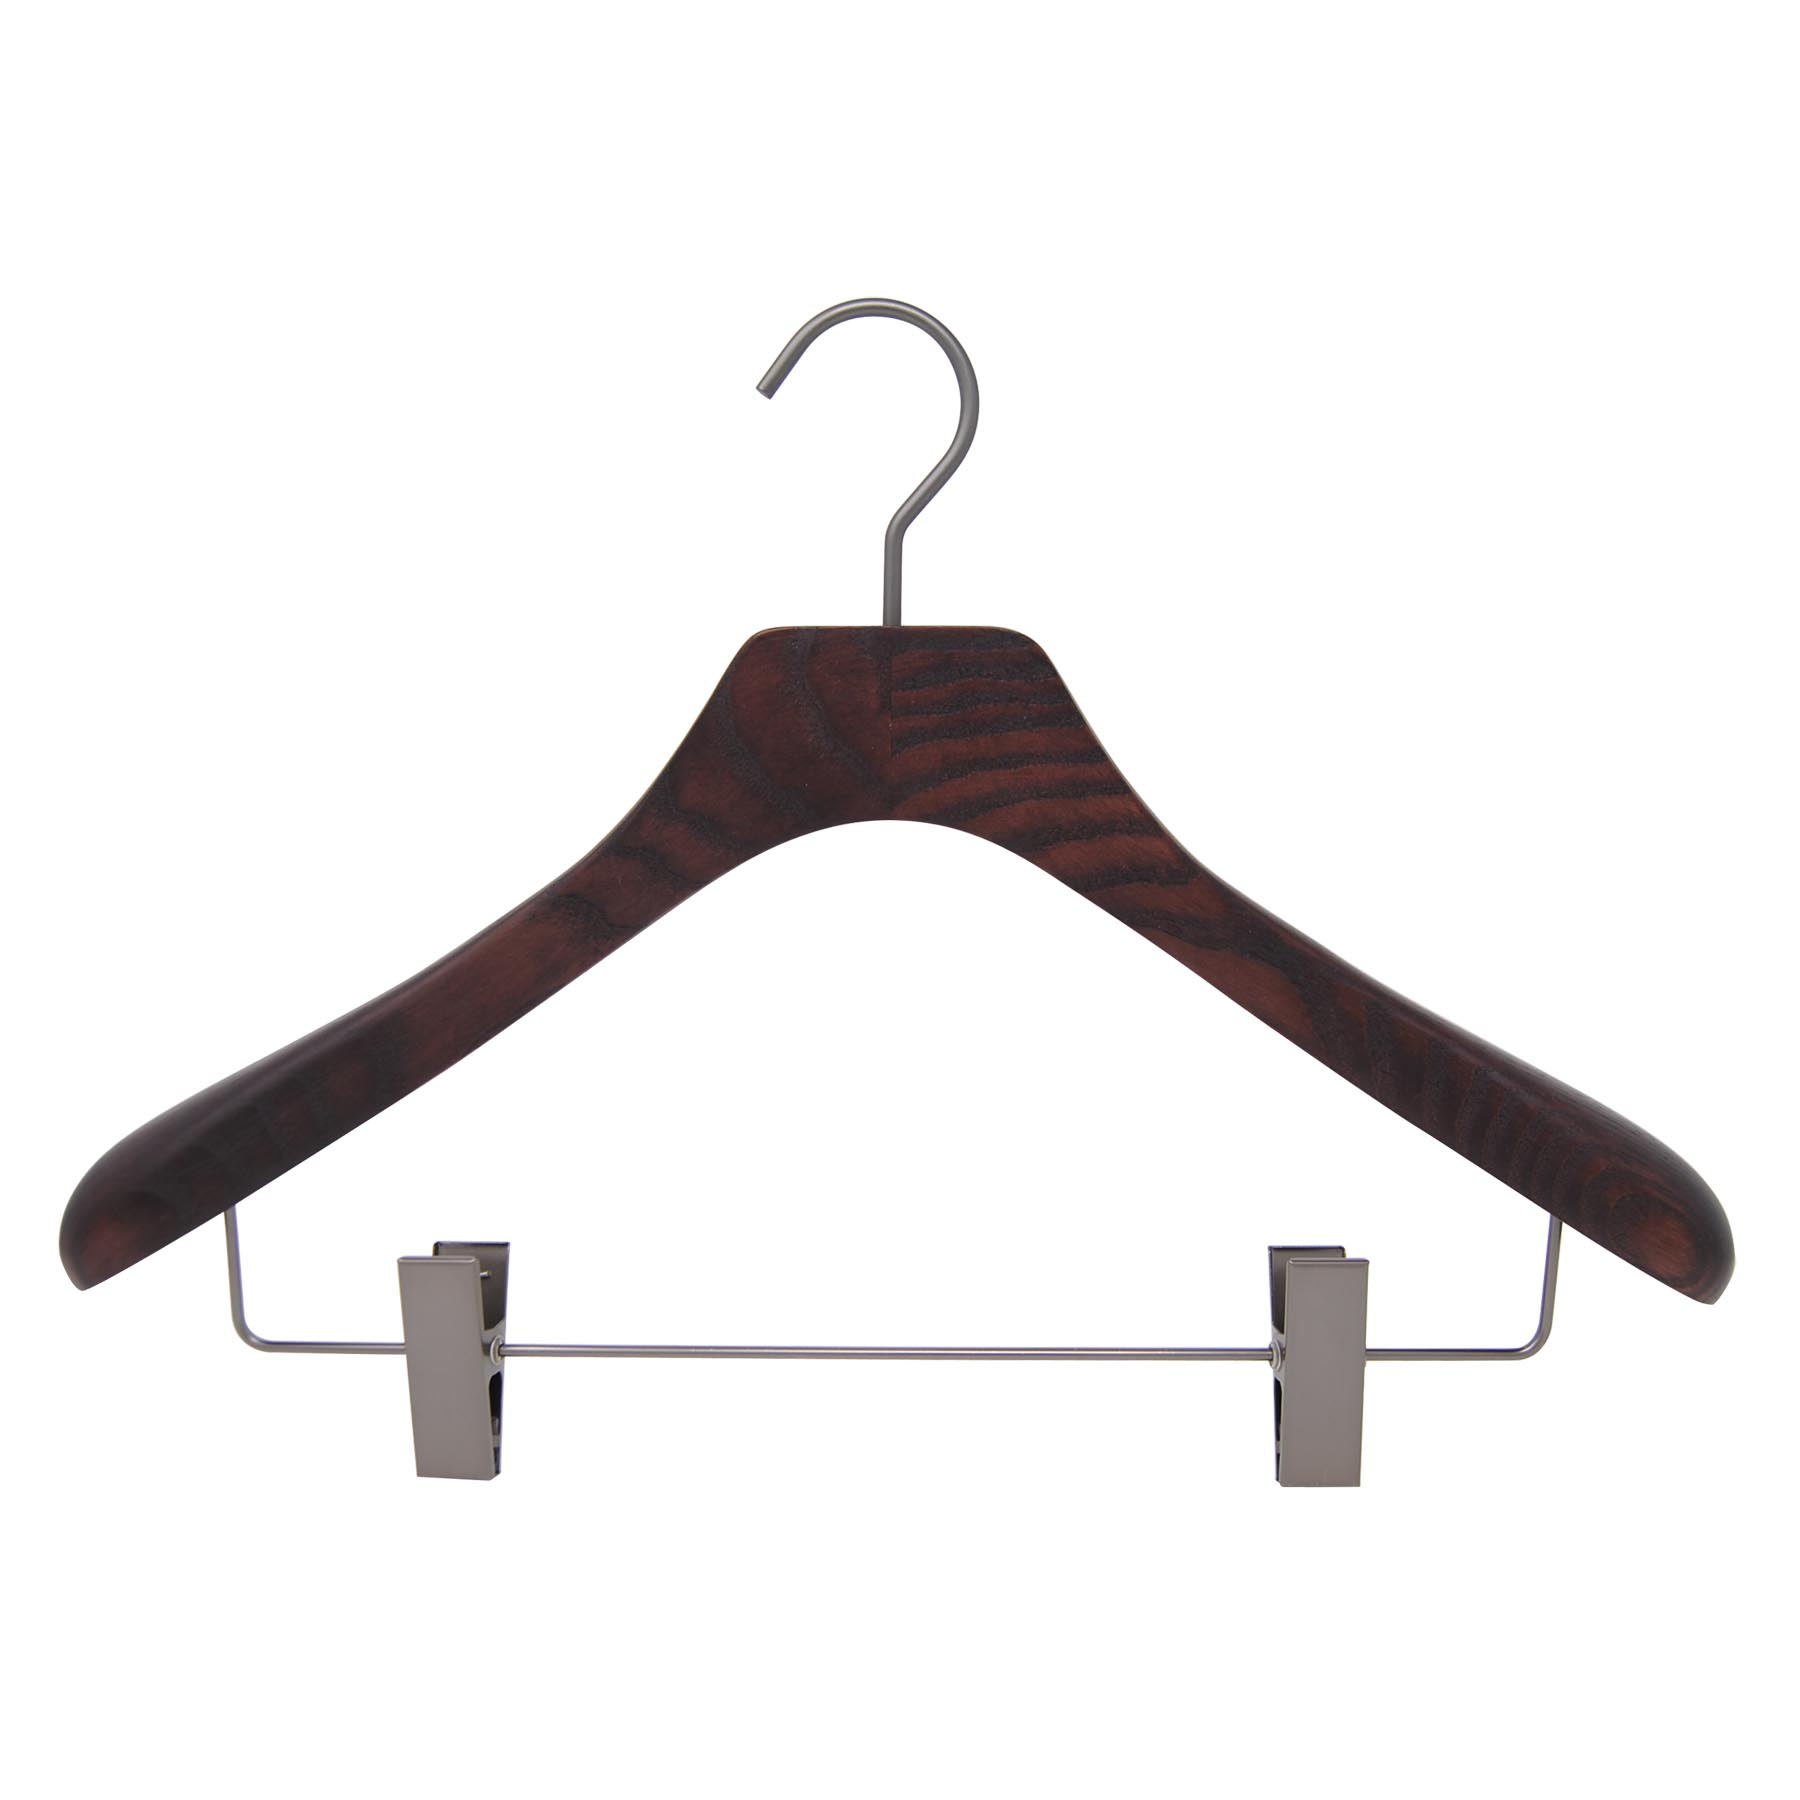 6 cintres pour homme ou femme pour veste, costume, ou tailleur - coloris noyer rmat